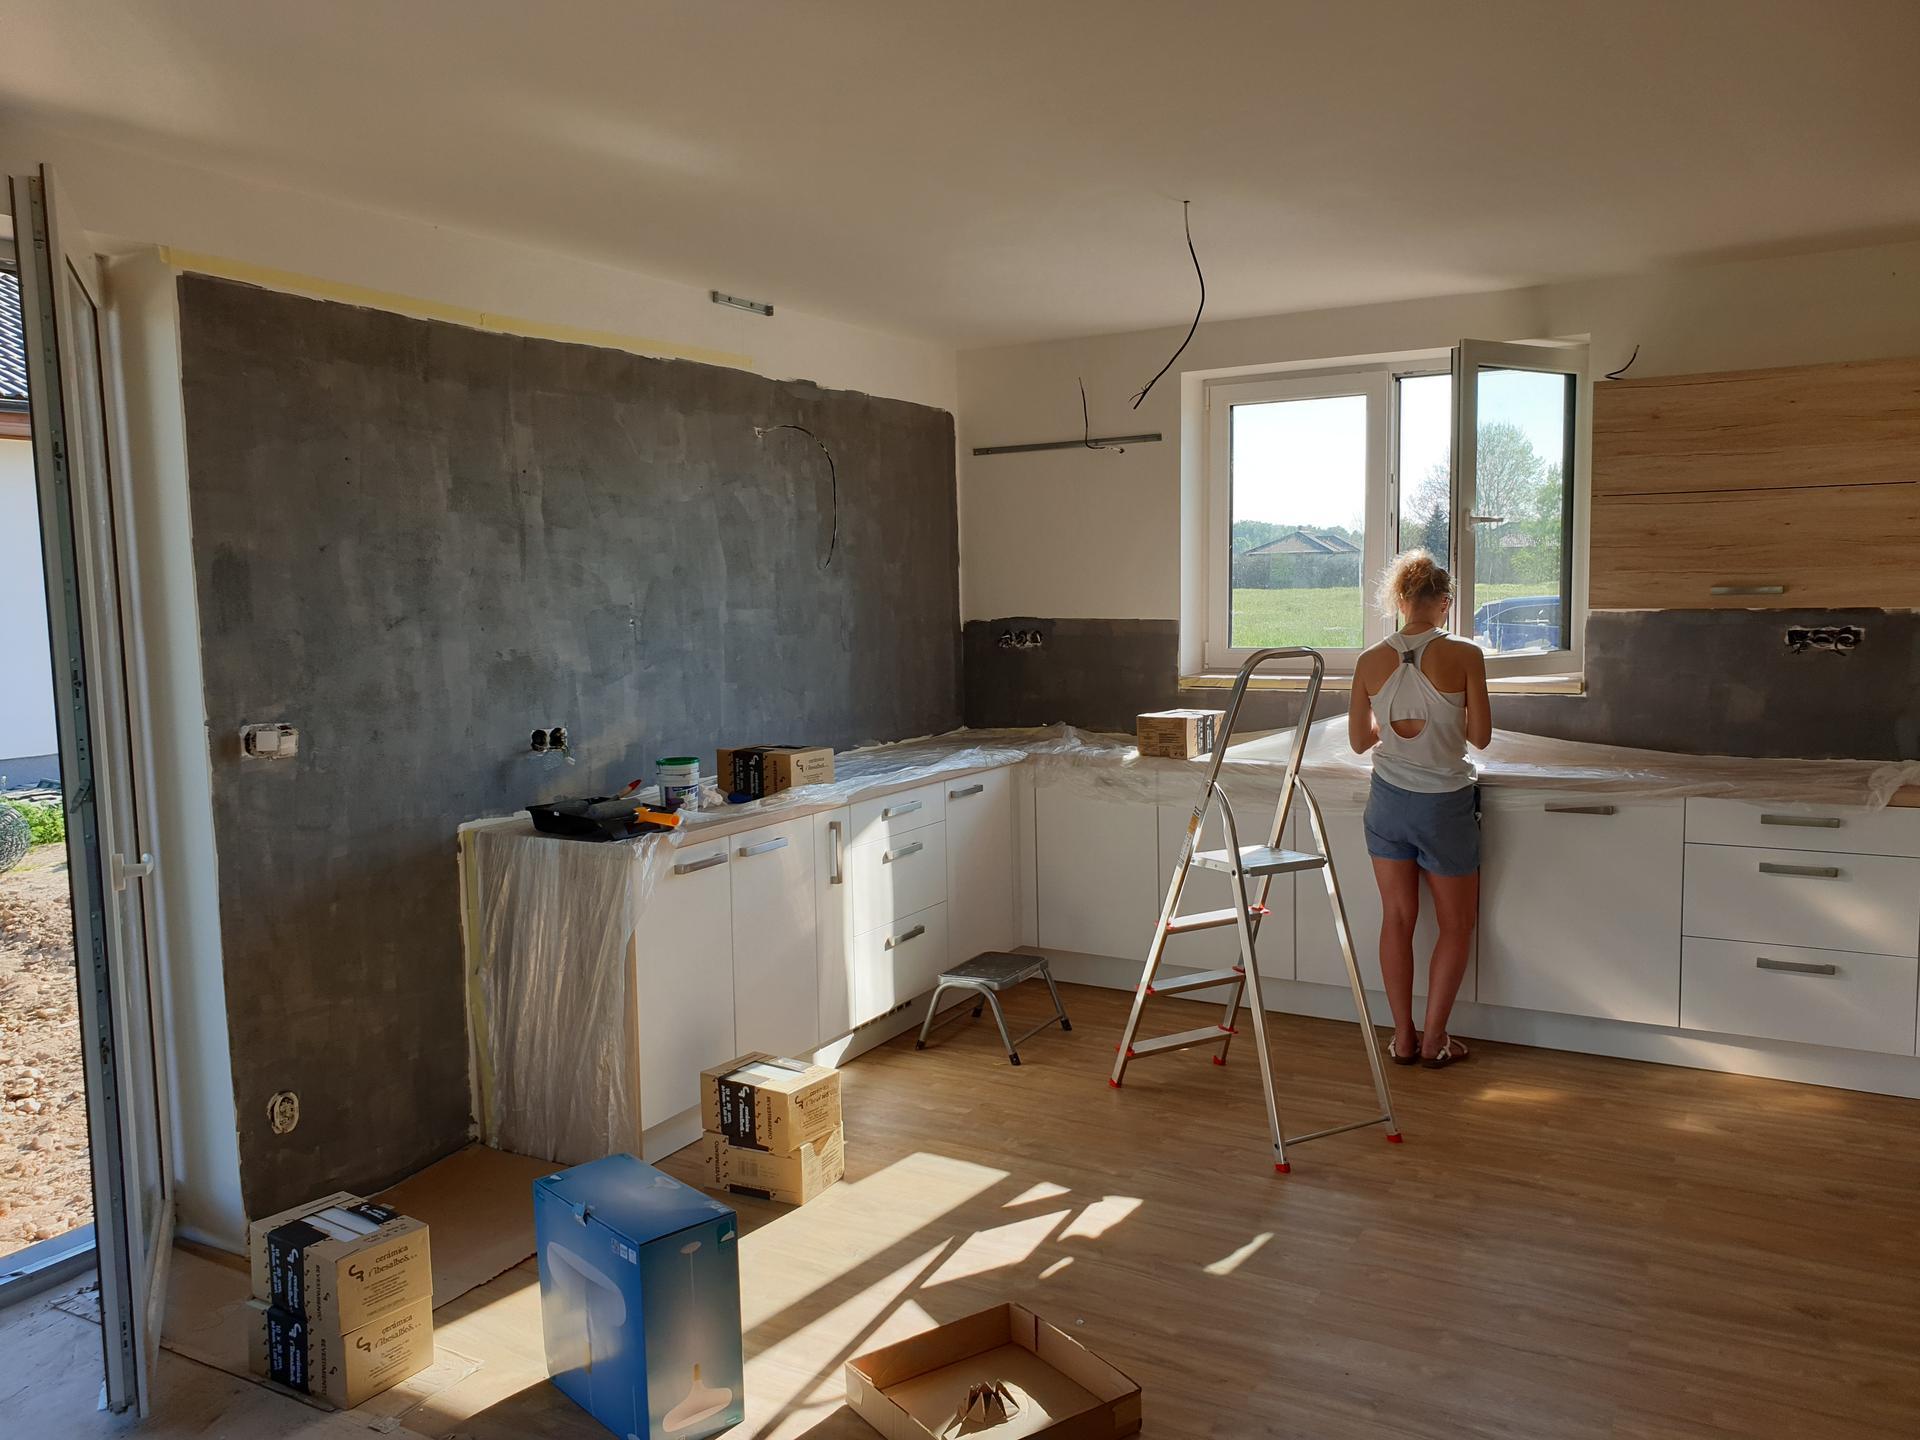 Kuchyně - Obrázek č. 9